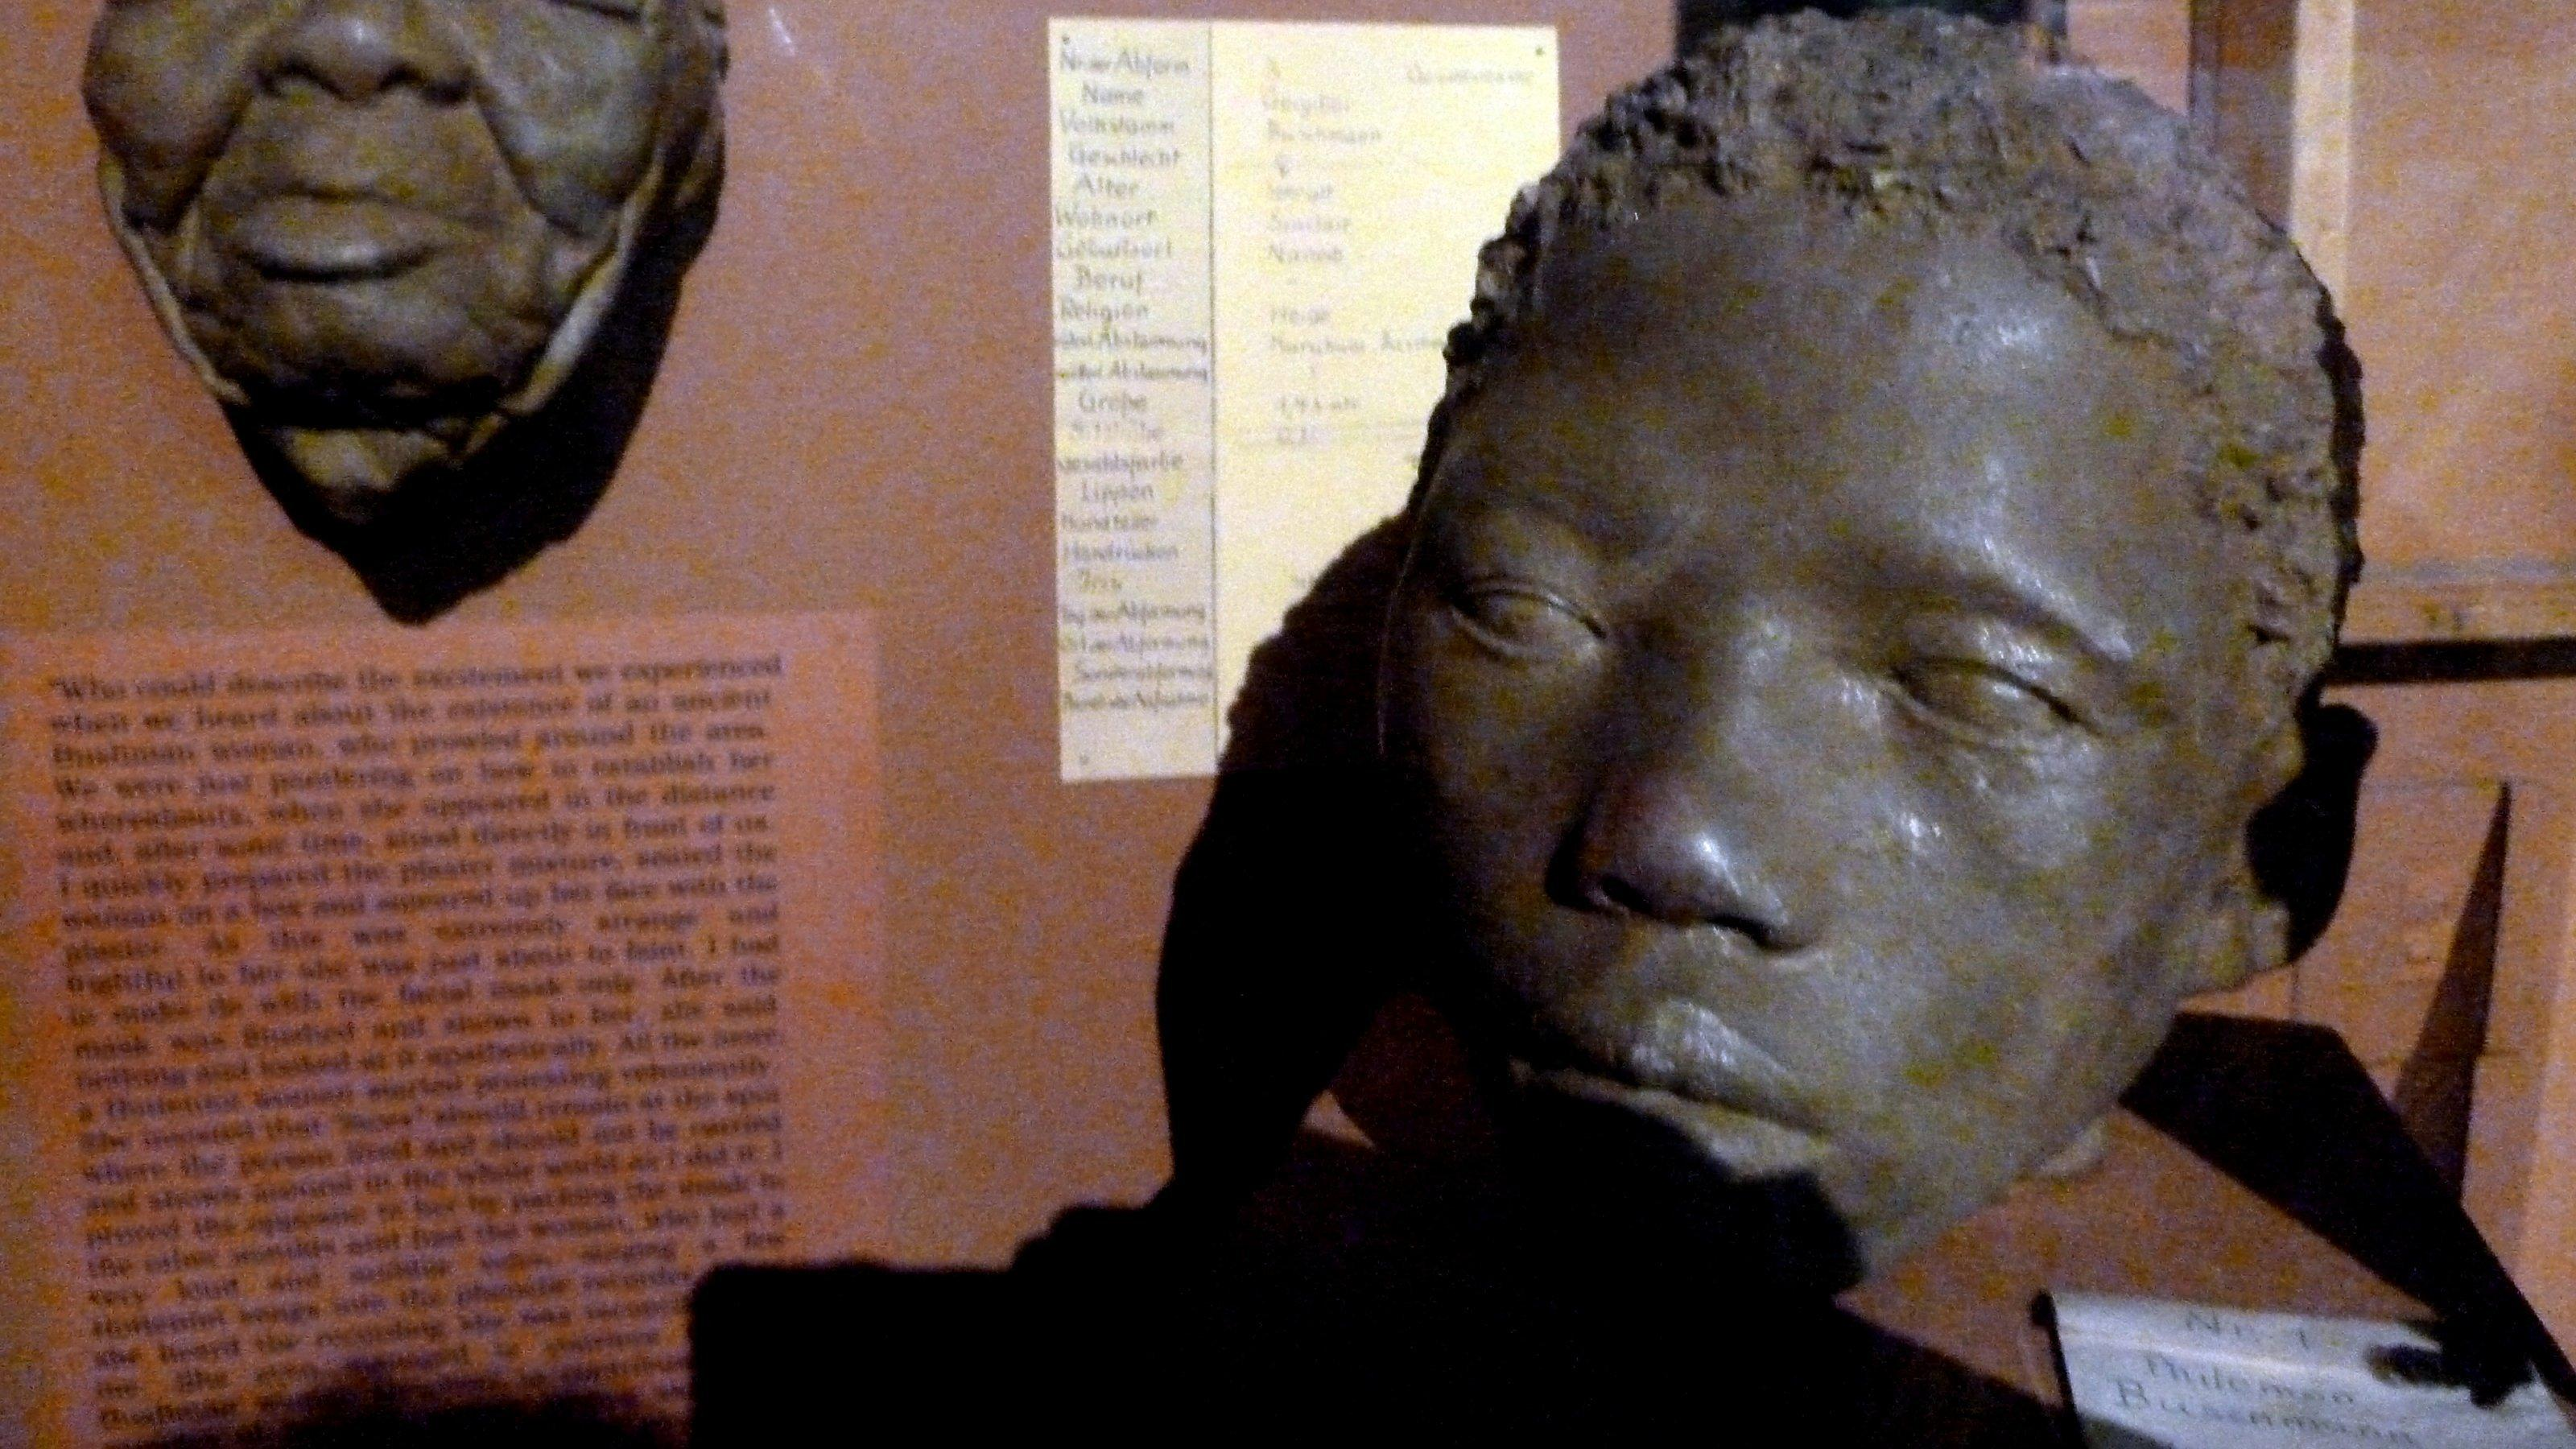 Koloniales Exponat, ein nachgefertigter Kopf eines Namibiers im Owela Museum, Windhoek